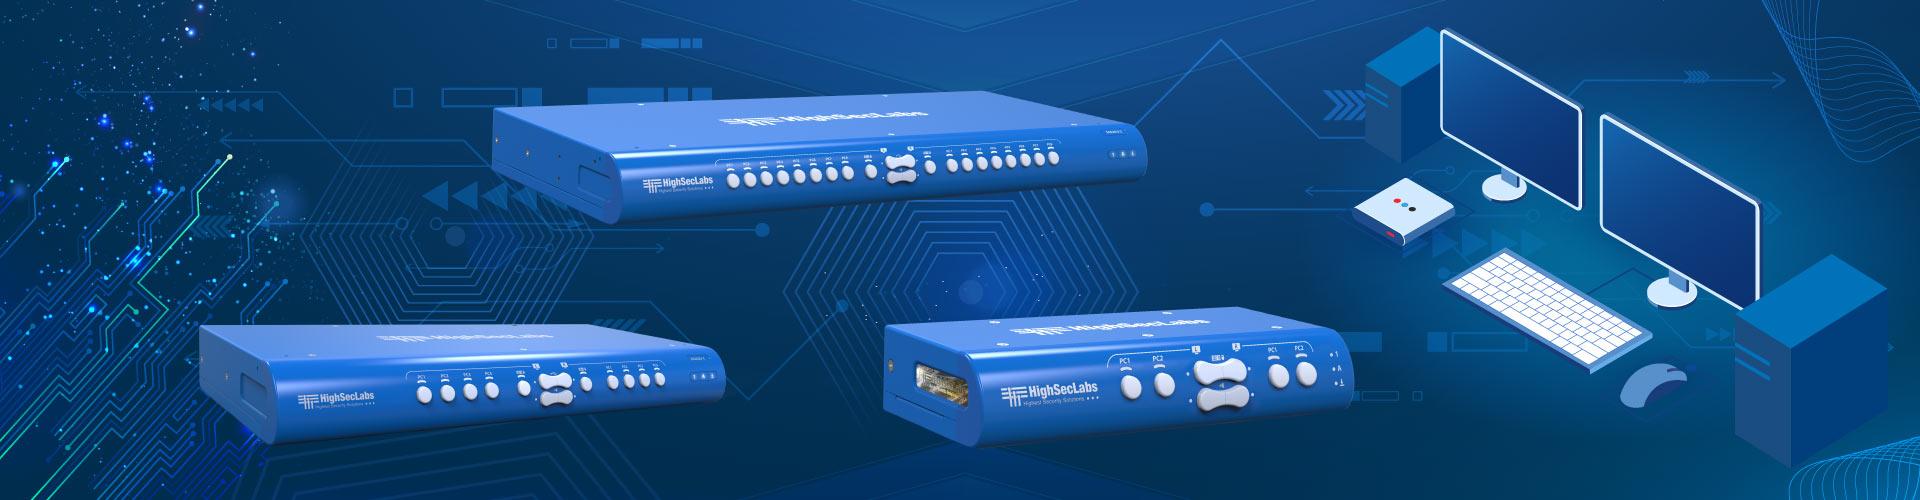 Secure KVM Mini-Matrix